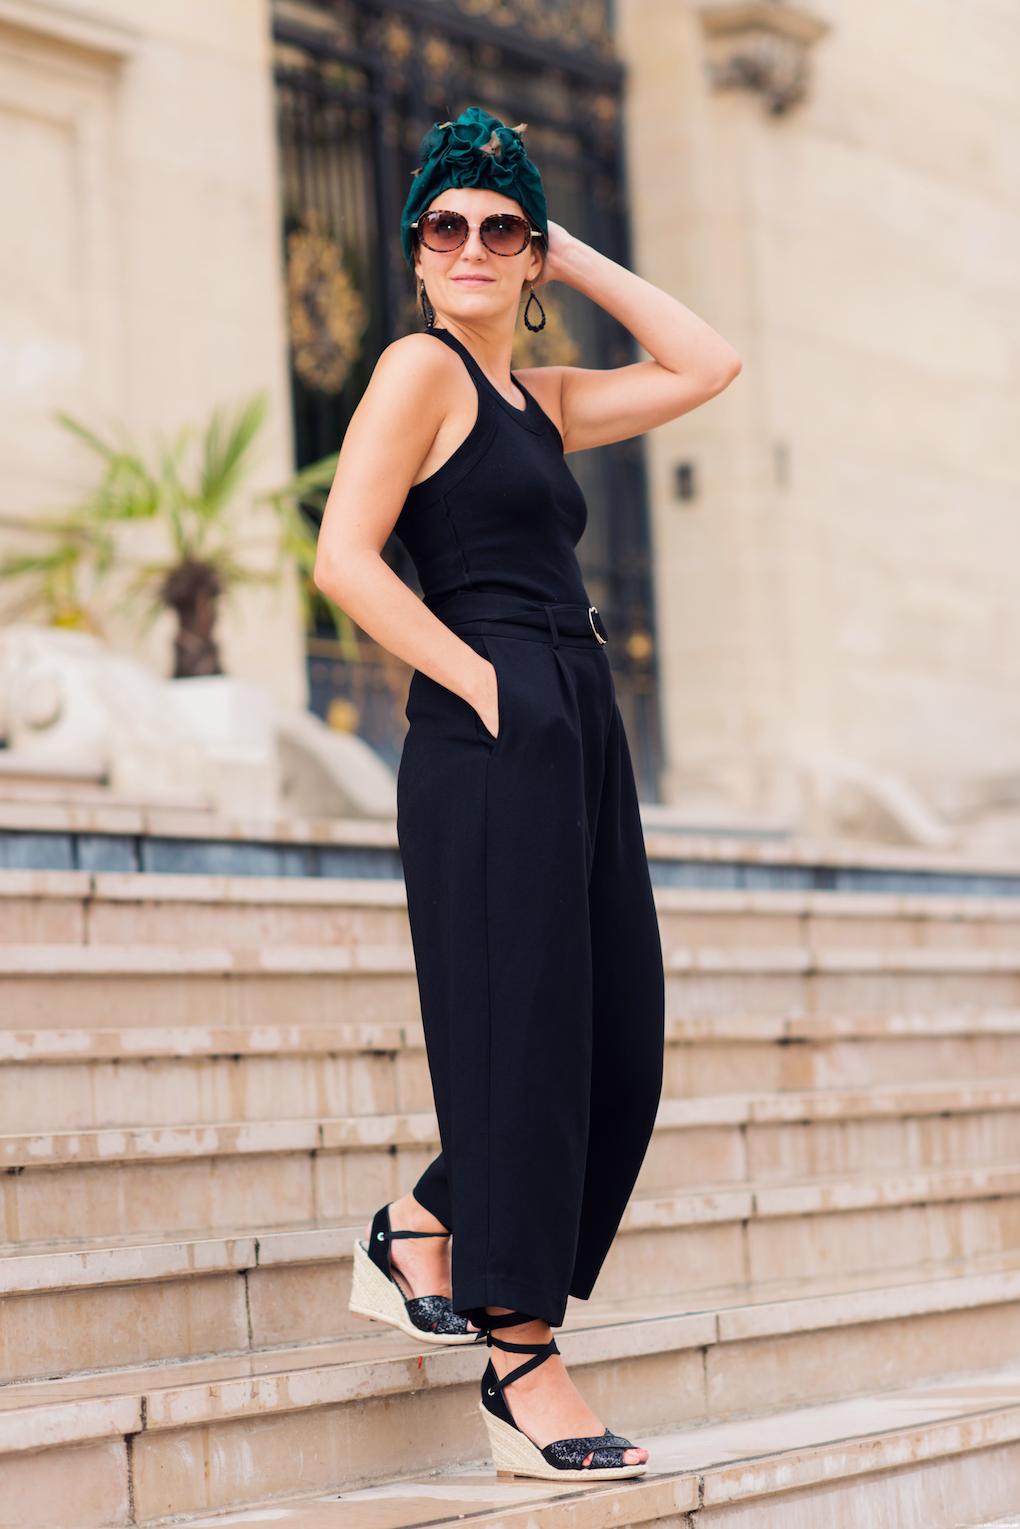 tendance-jupe-culotte-blog-mode-paris-les-caprices-diris